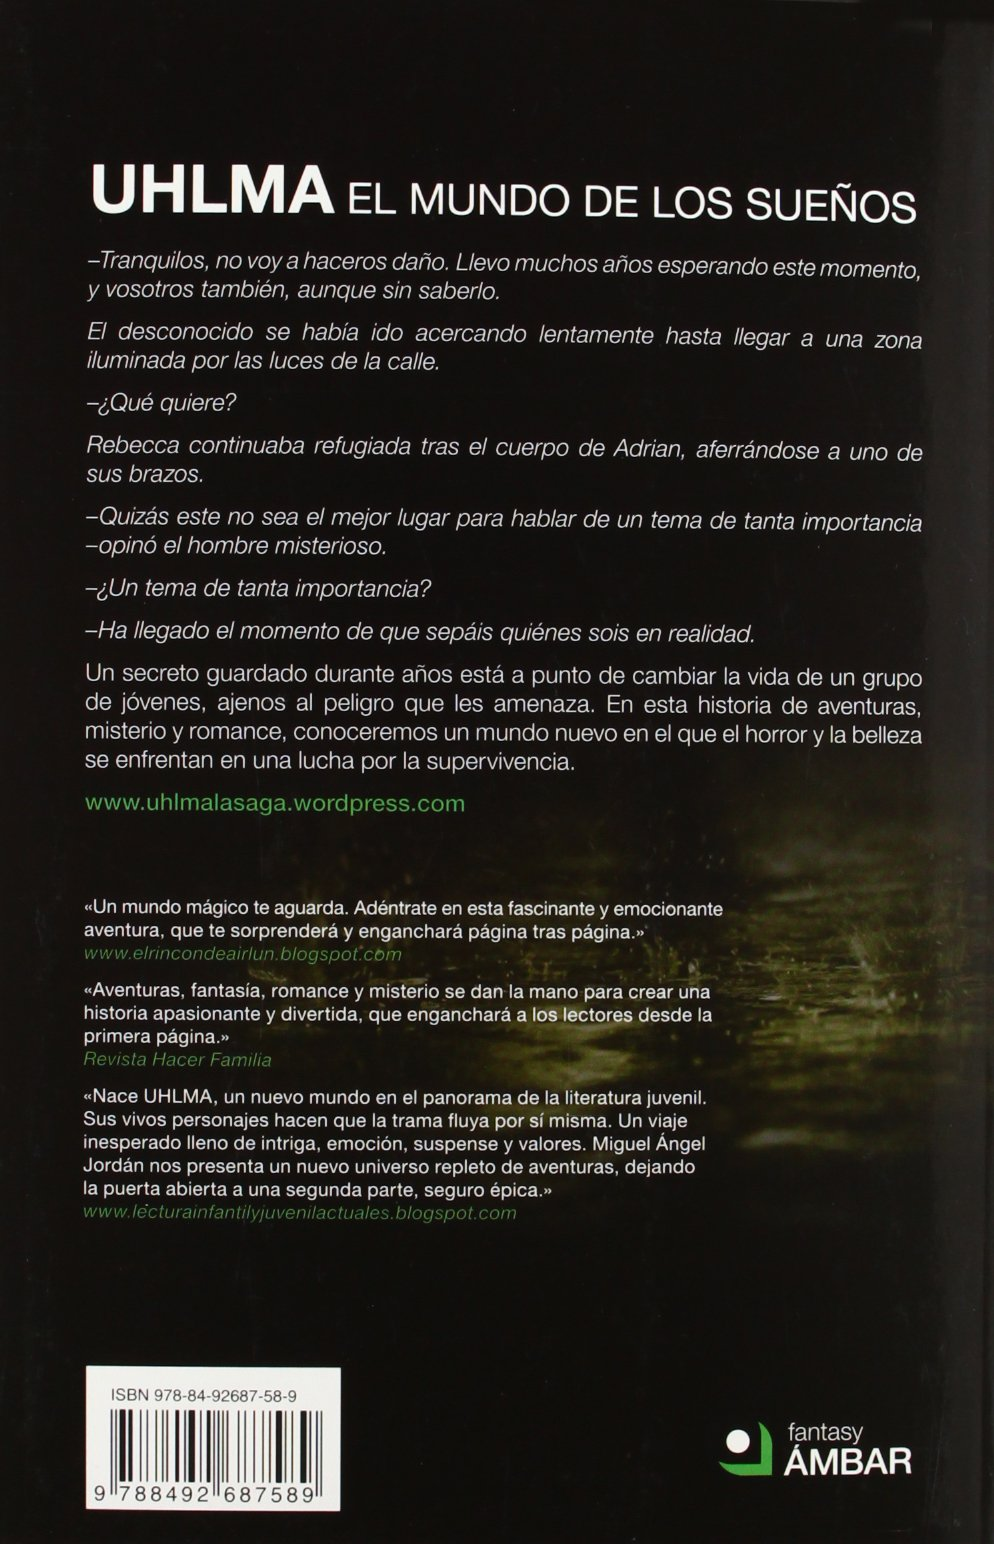 Uhlma. El mundo de los sueños: Miguel Ángel Jordán Enamorado: 9788492687589: Amazon.com: Books